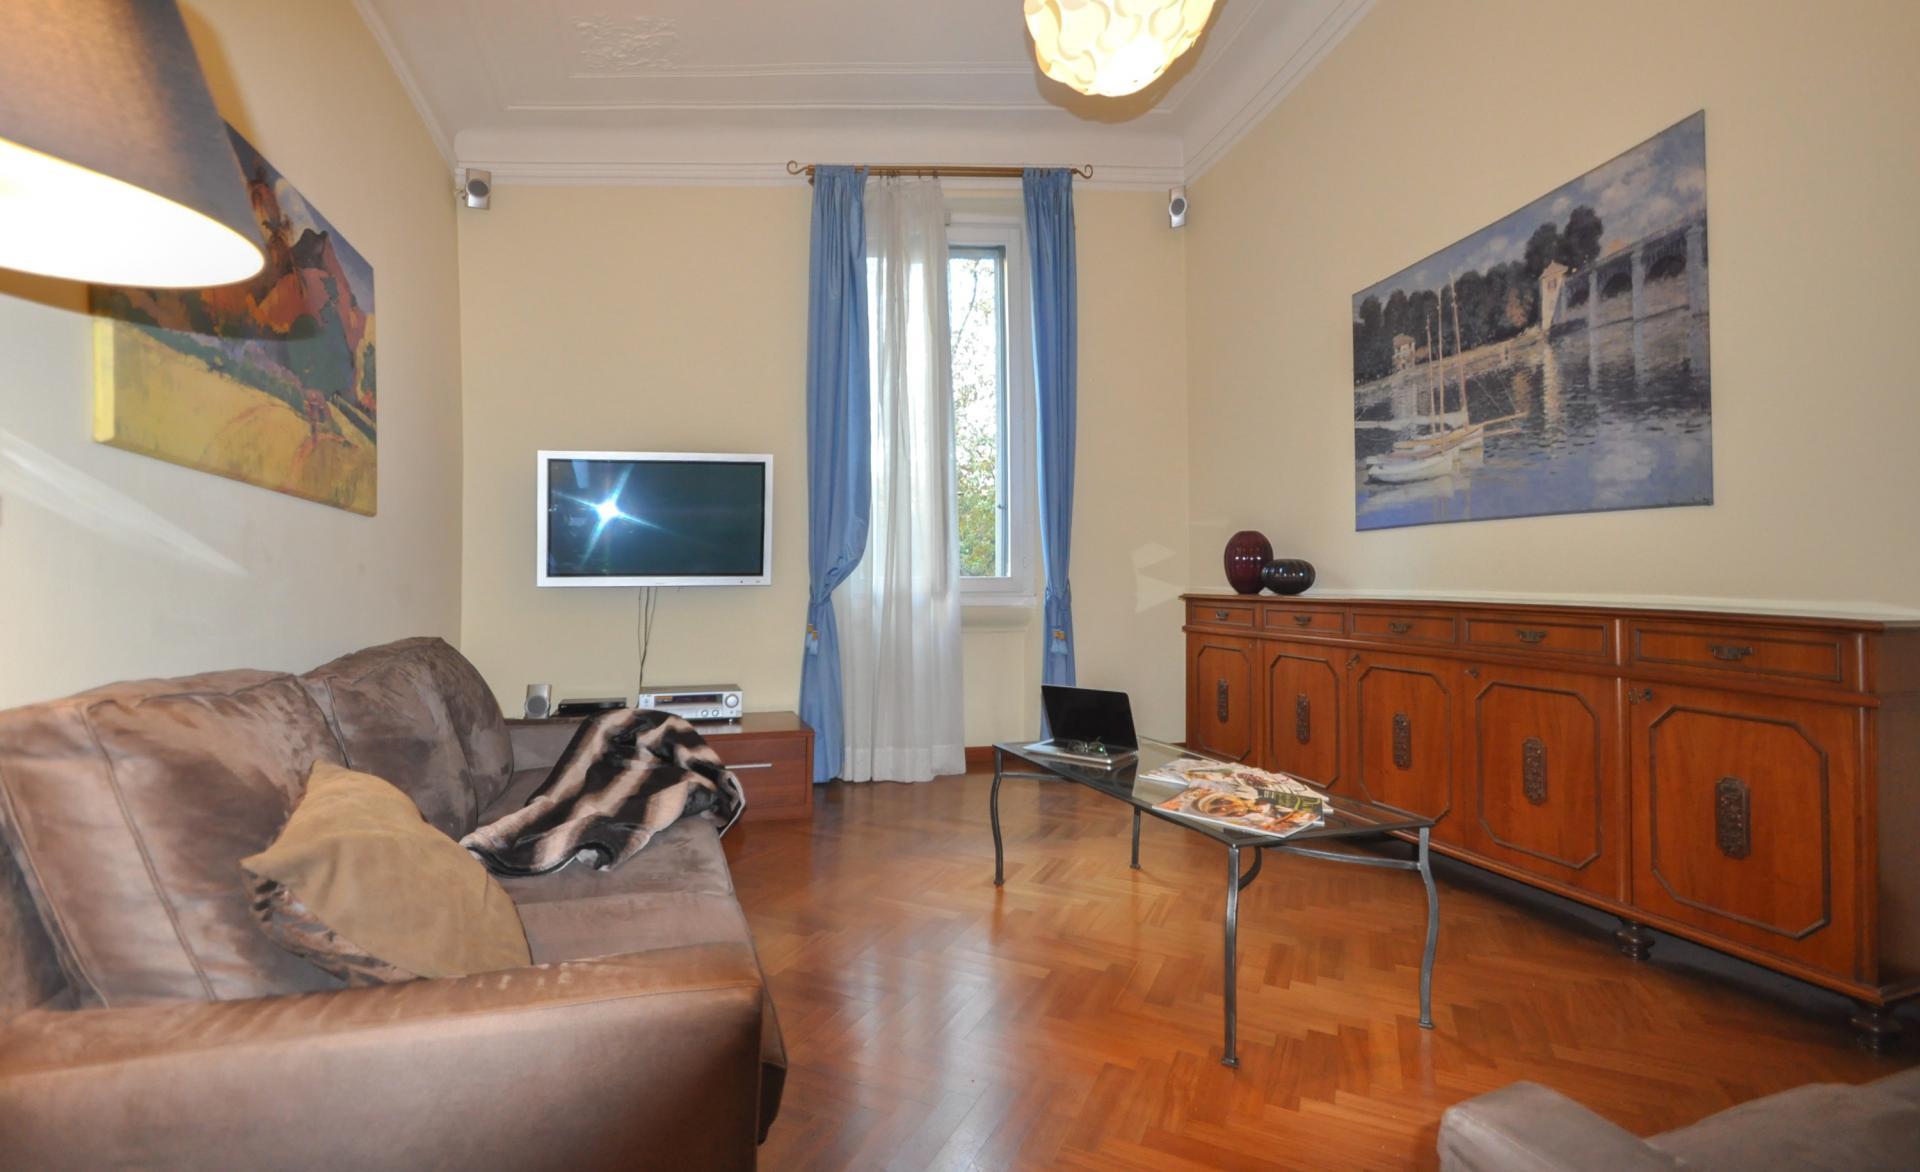 Sesto San Giovanni | Appartamento in Vendita in VIALE ERCOLE MARELLI | lacasadimilano.it